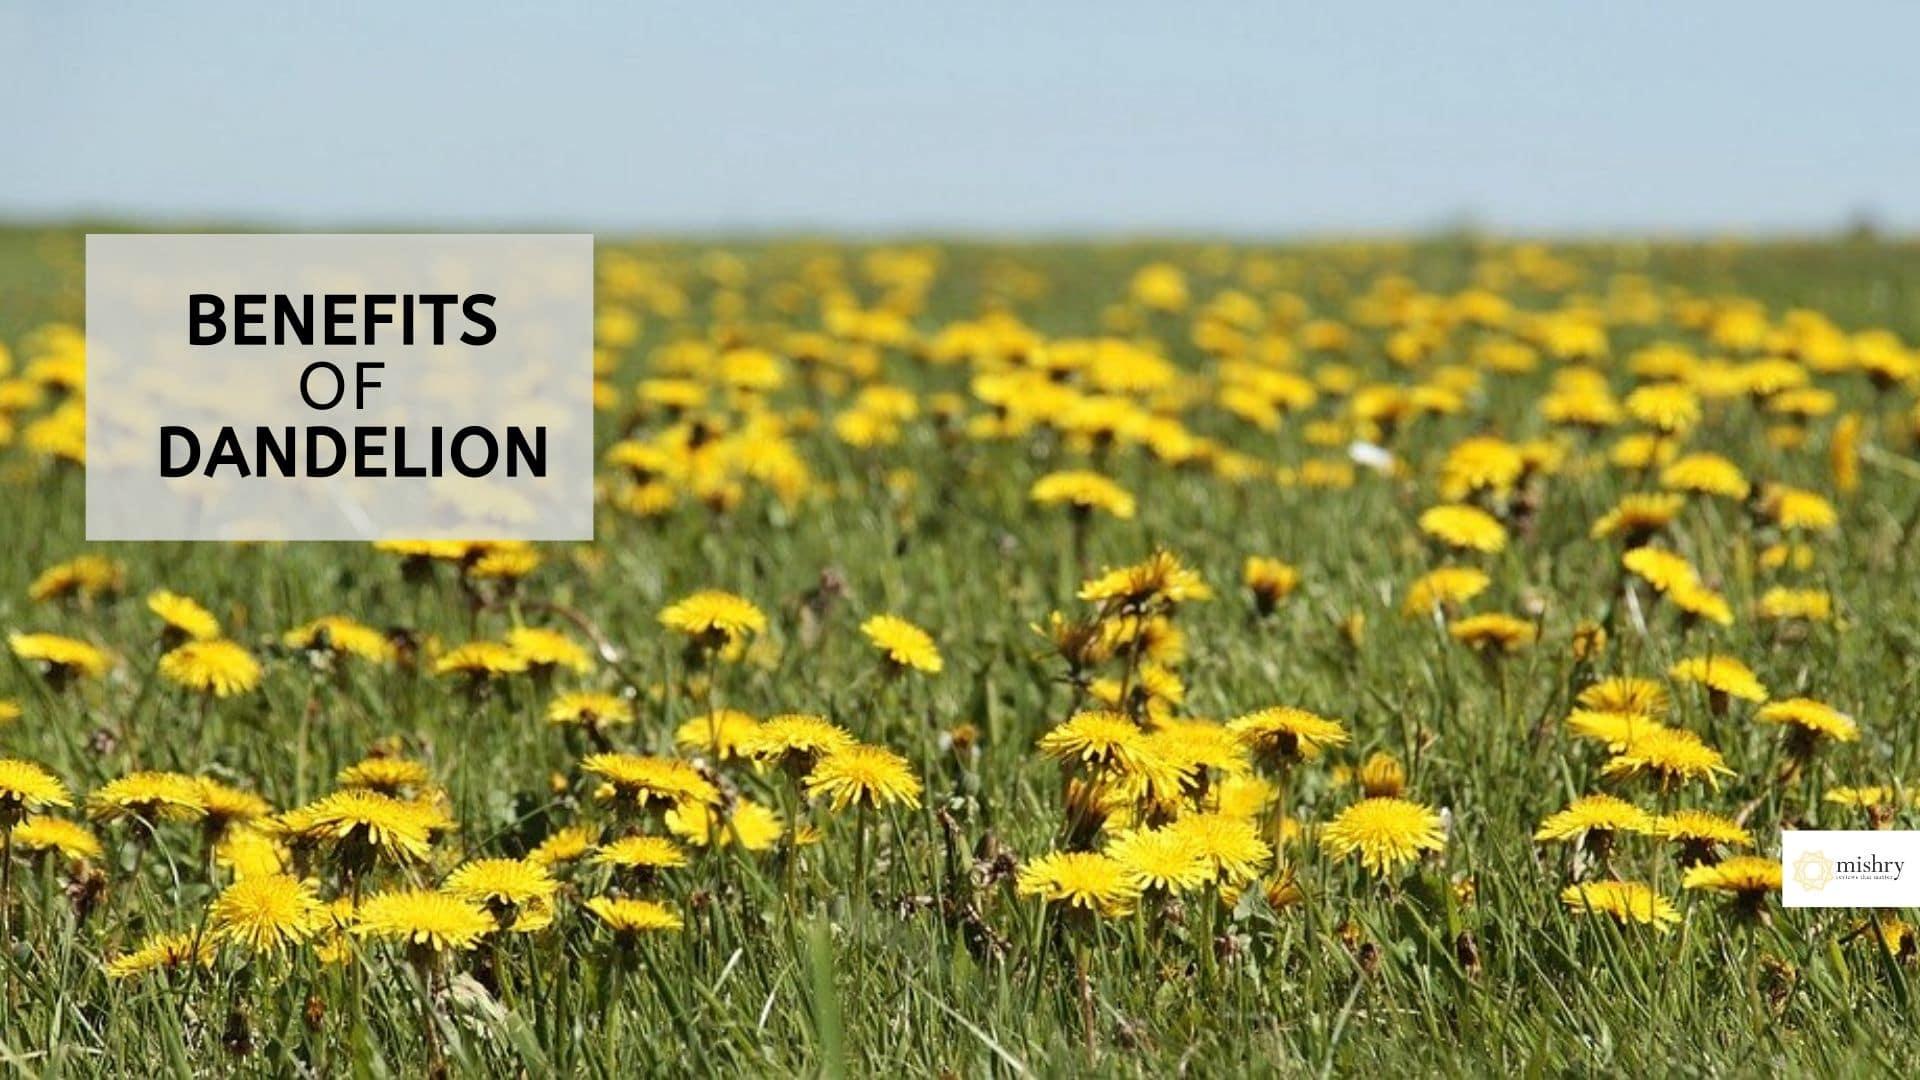 Benefits of Dandelion